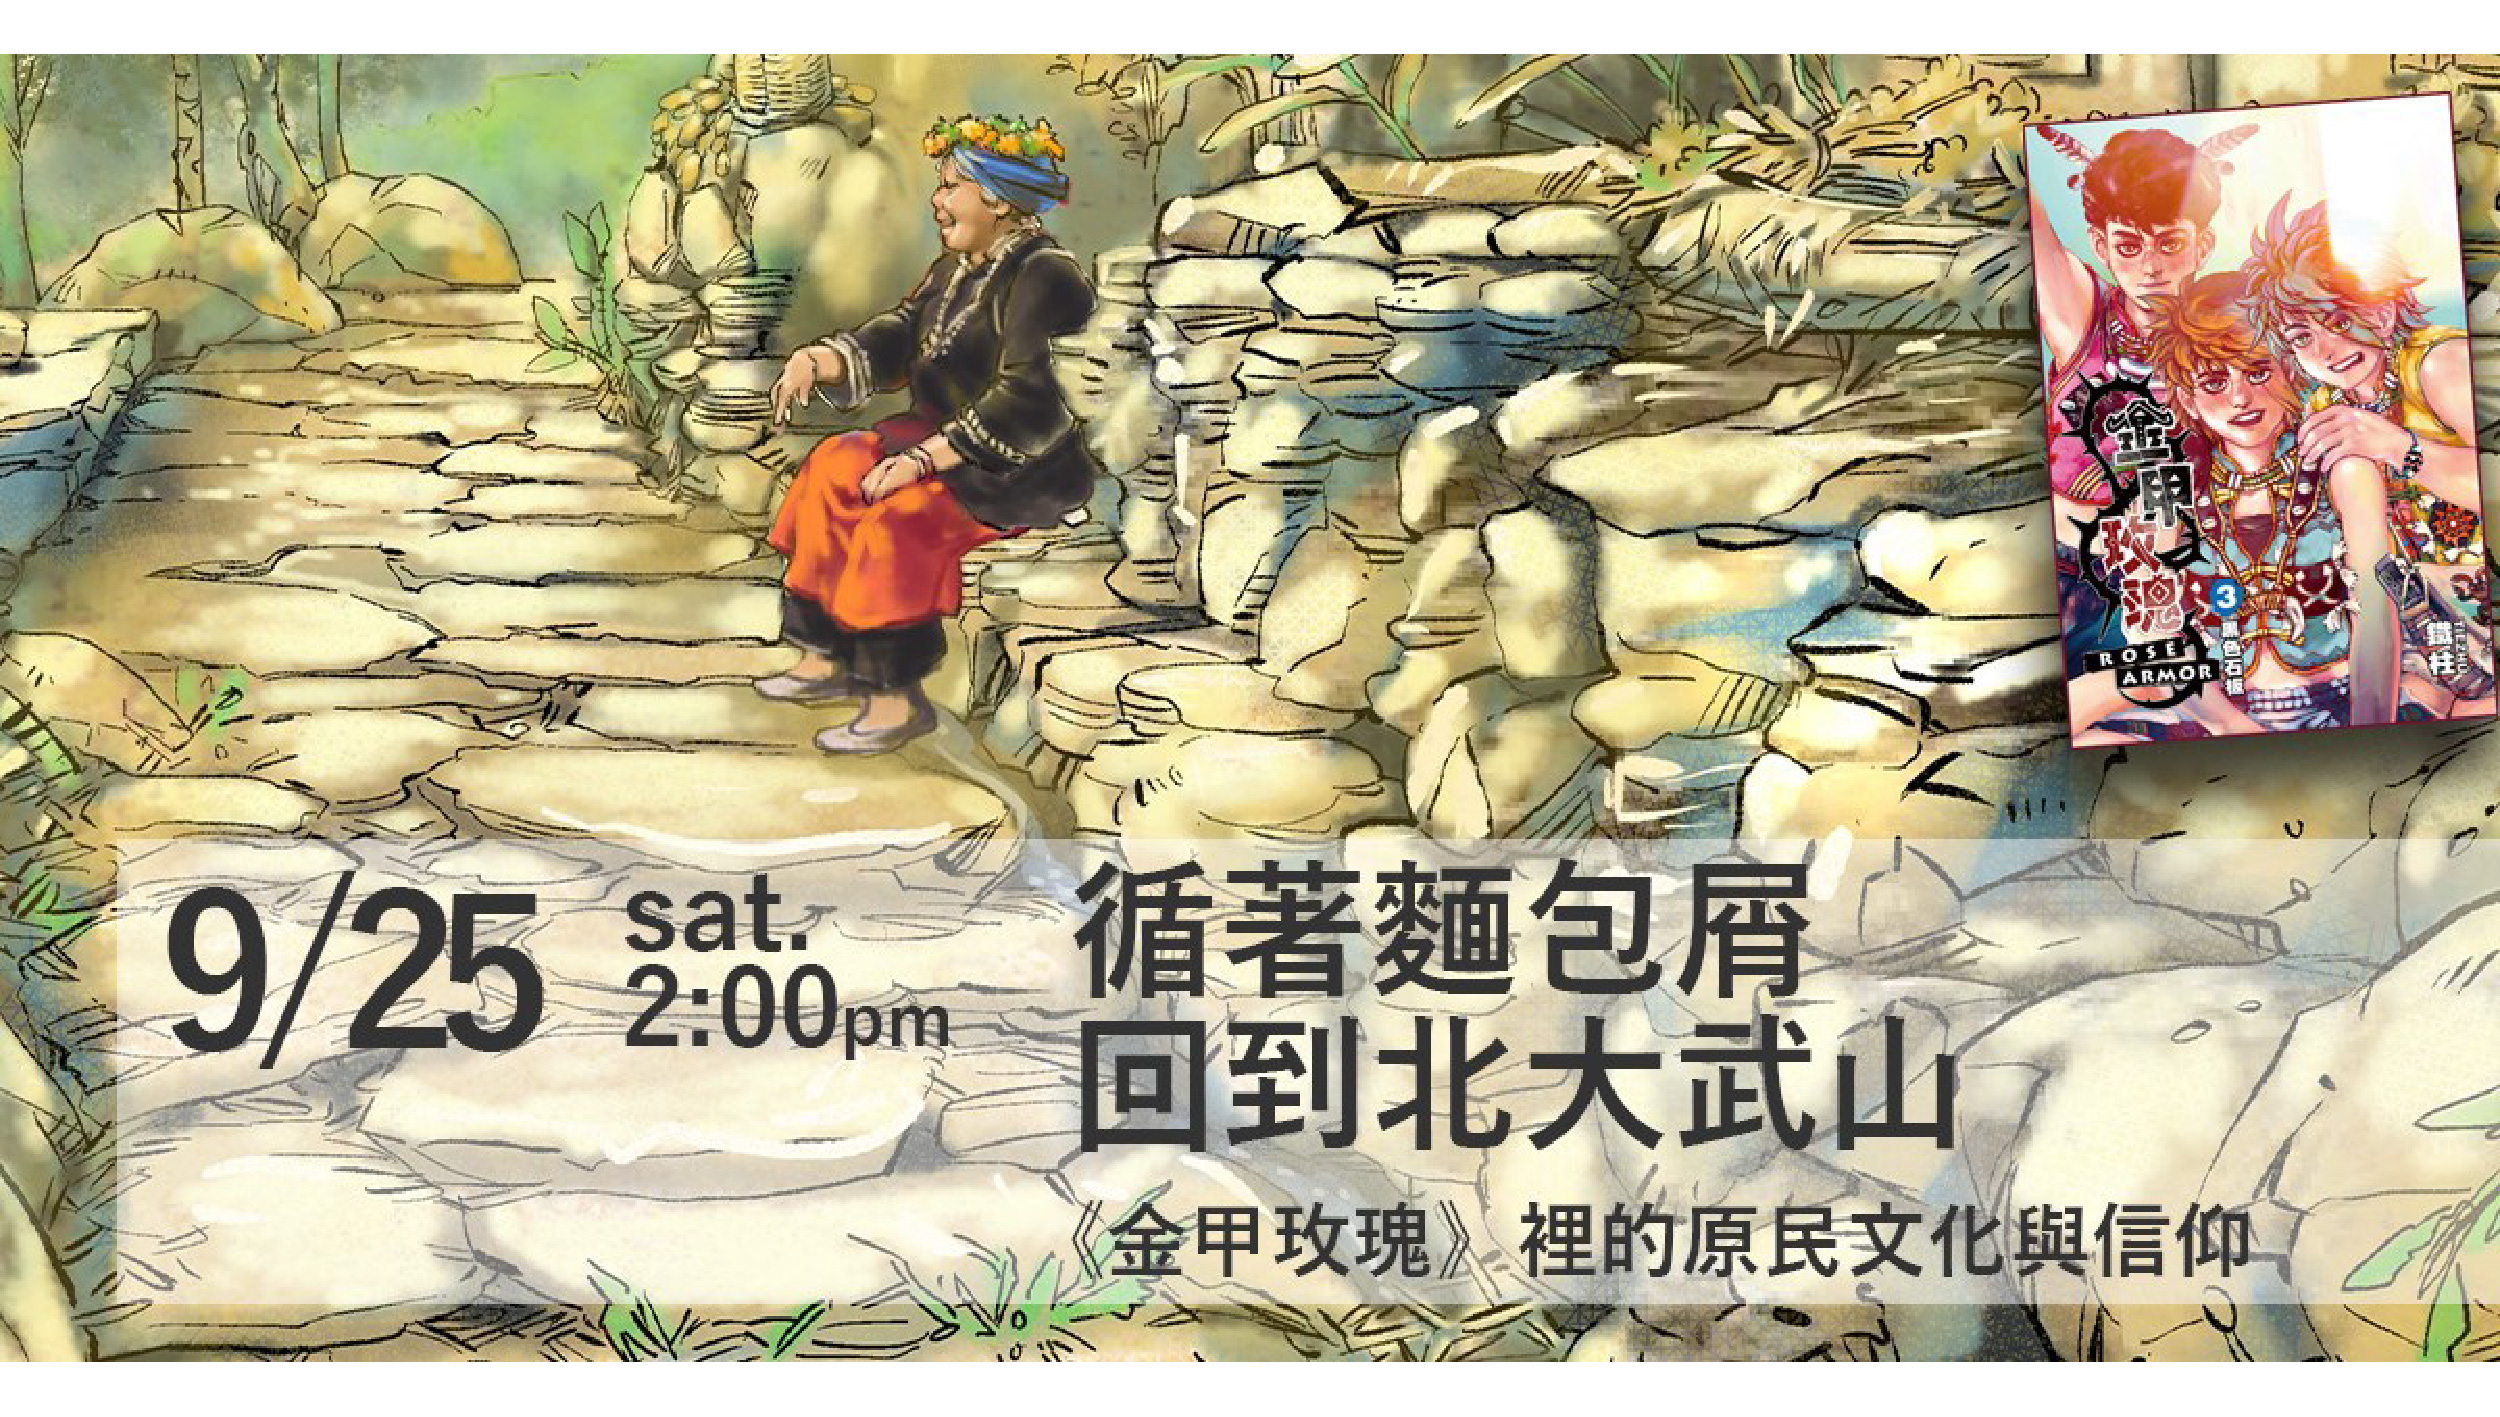 《金甲玫瑰3》新書座談—循著麵包屑回到北大武山:《金甲玫瑰》裡的原民文化與信仰